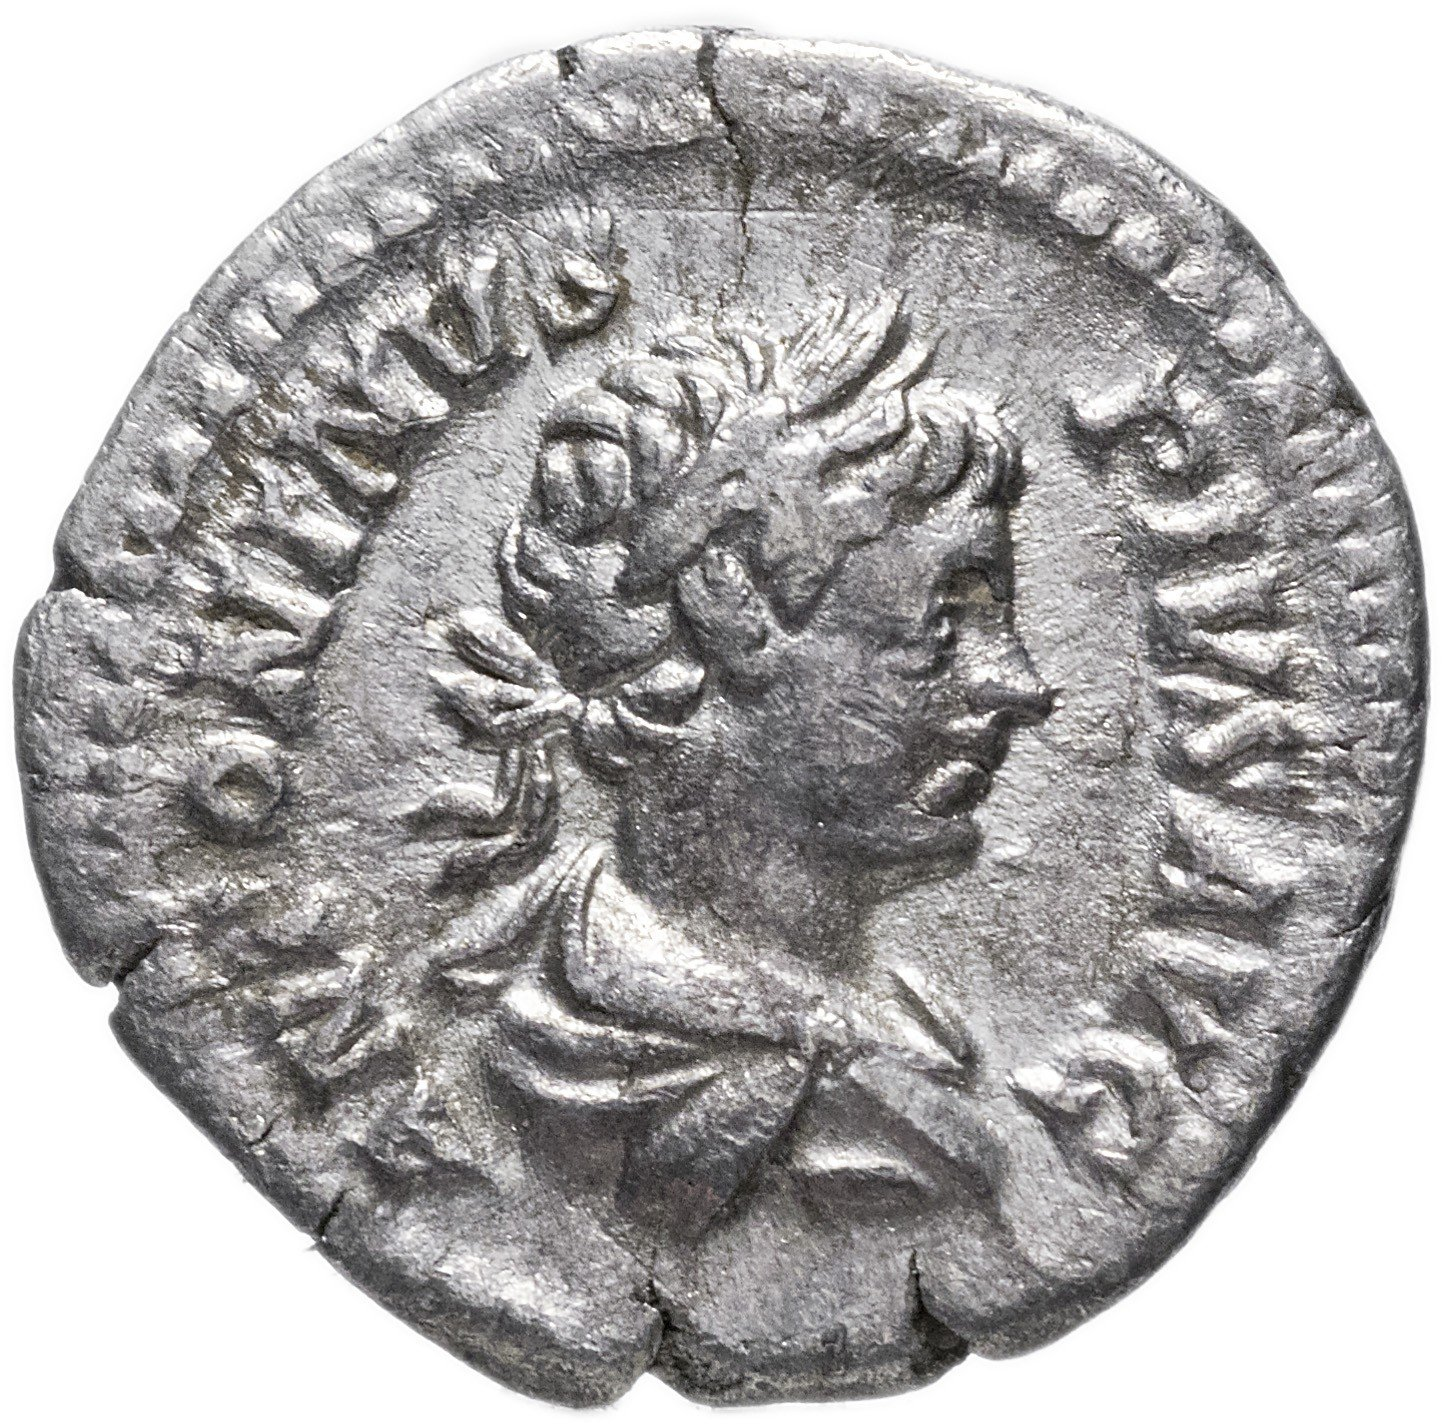 Римский денарий купить городской транспорт монеты